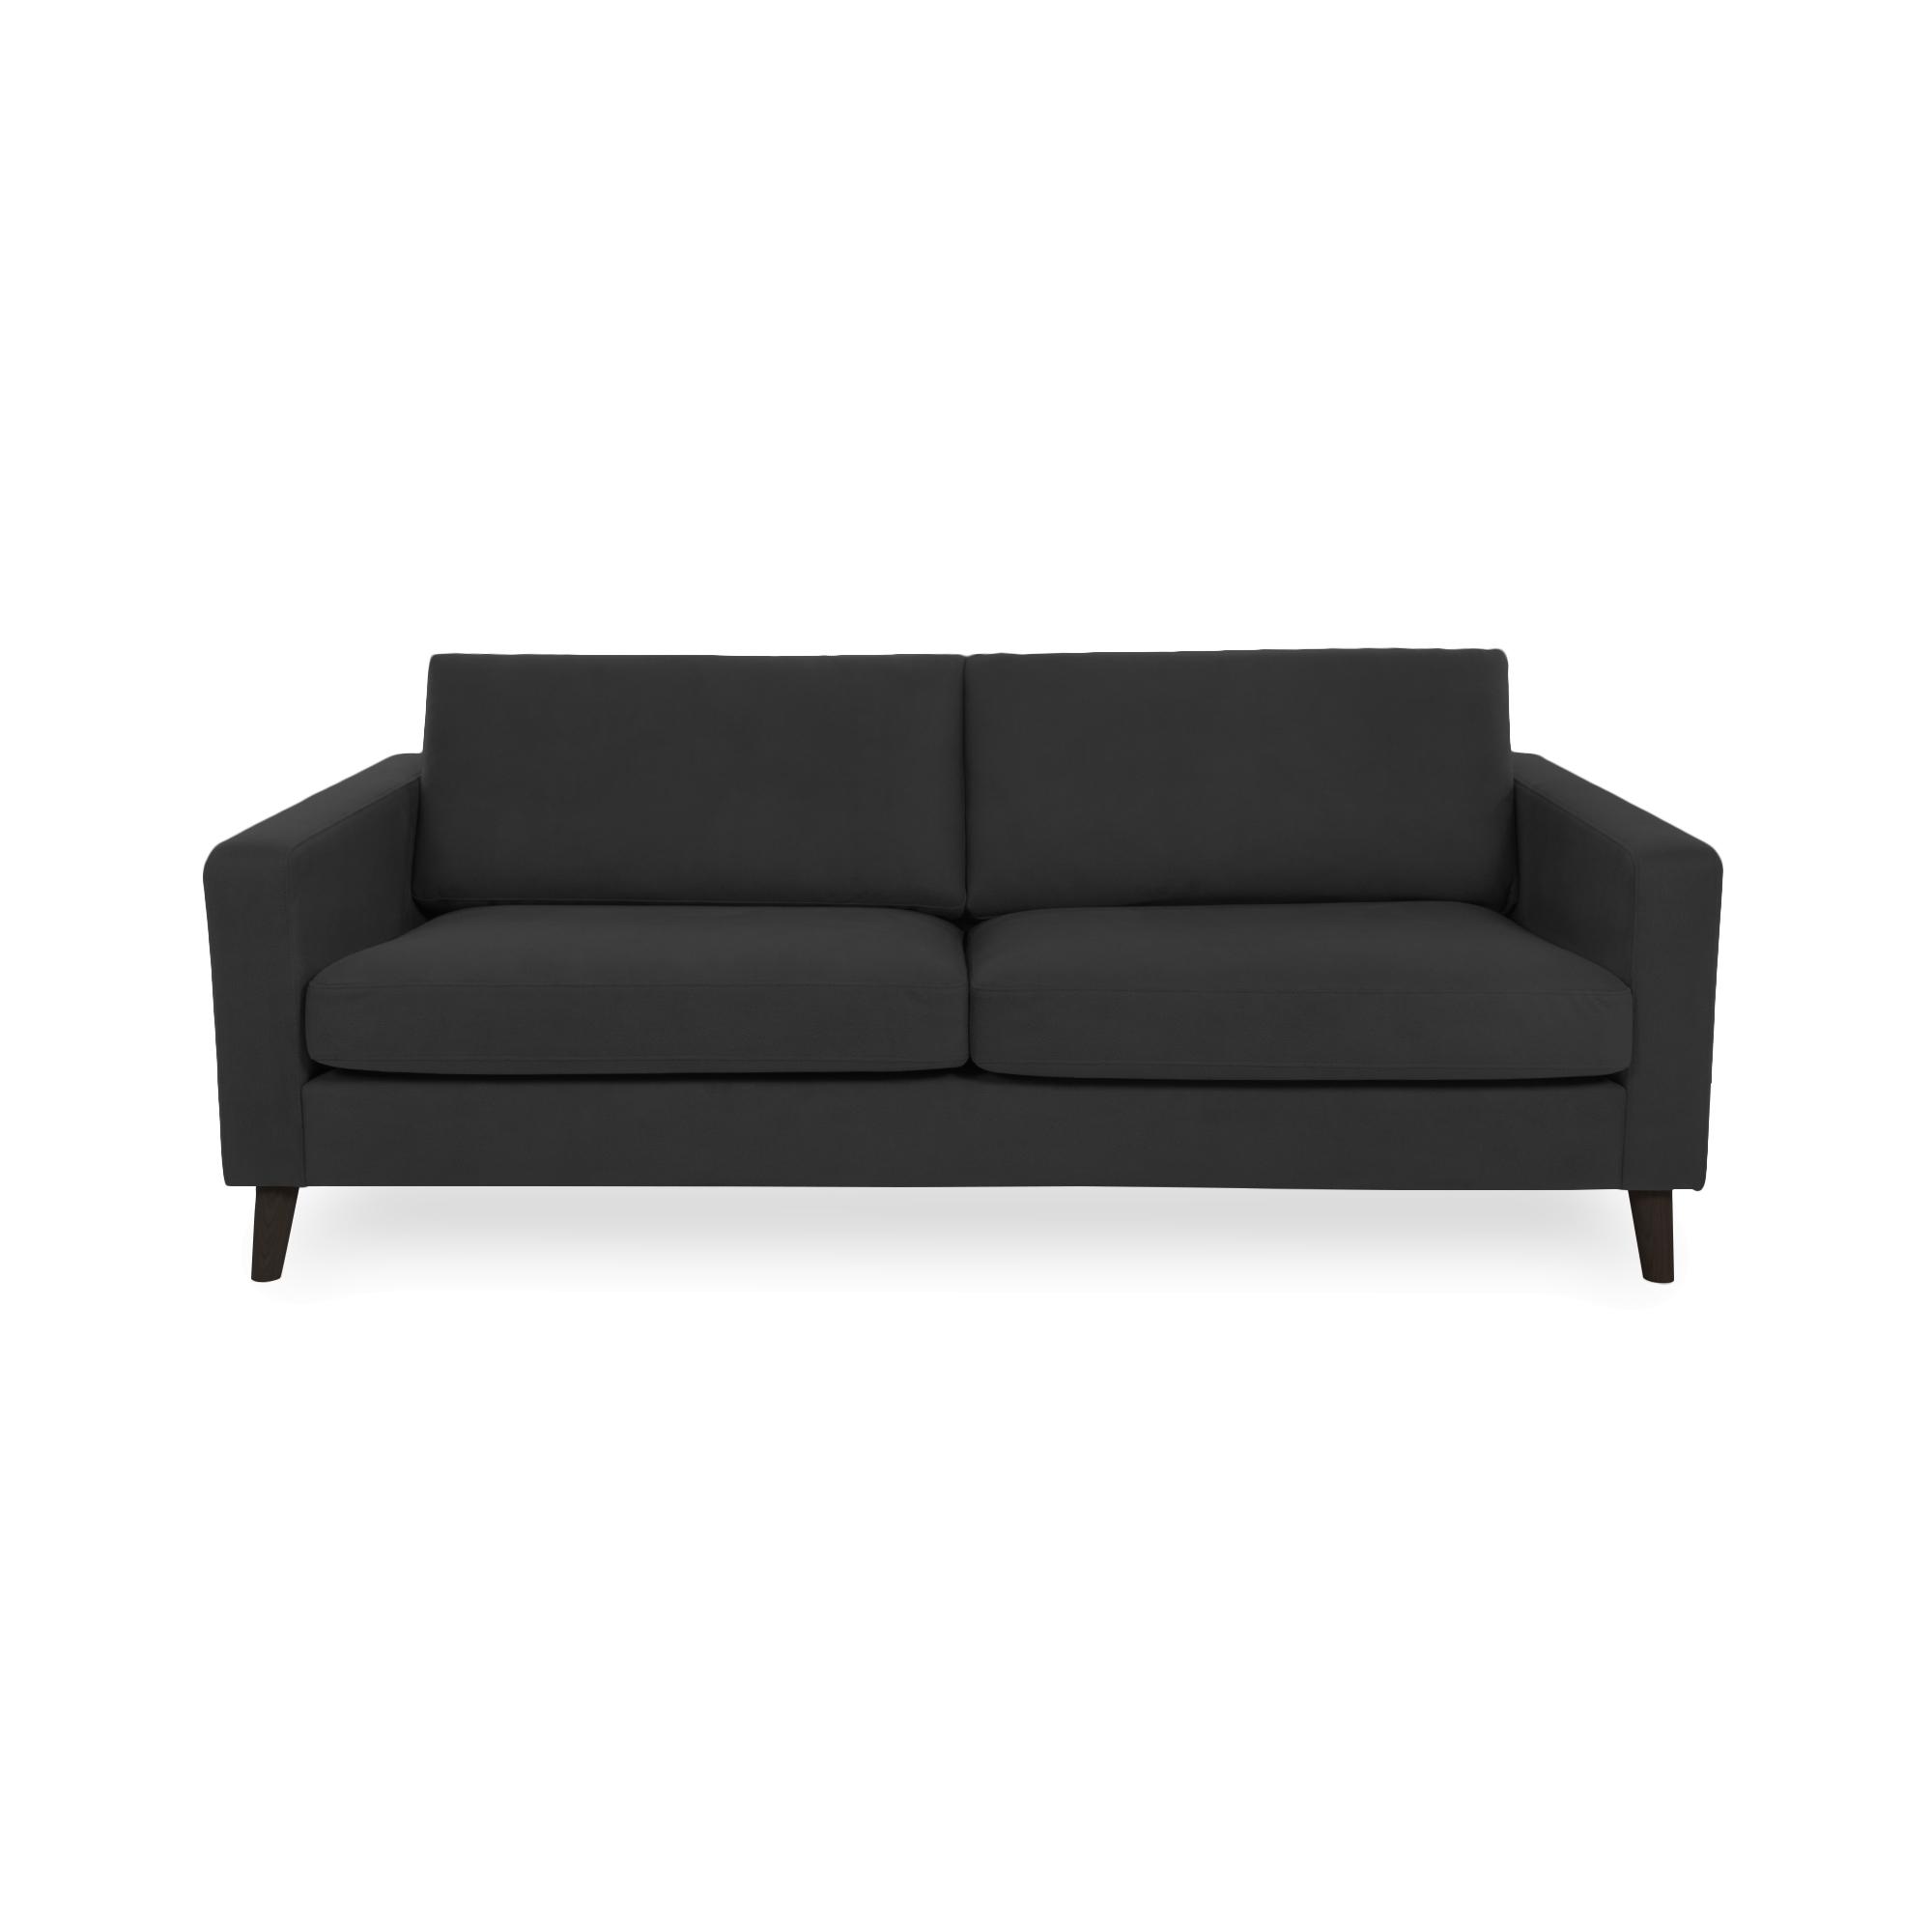 Canapea Fixa 3 locuri Tom Antracit/Black